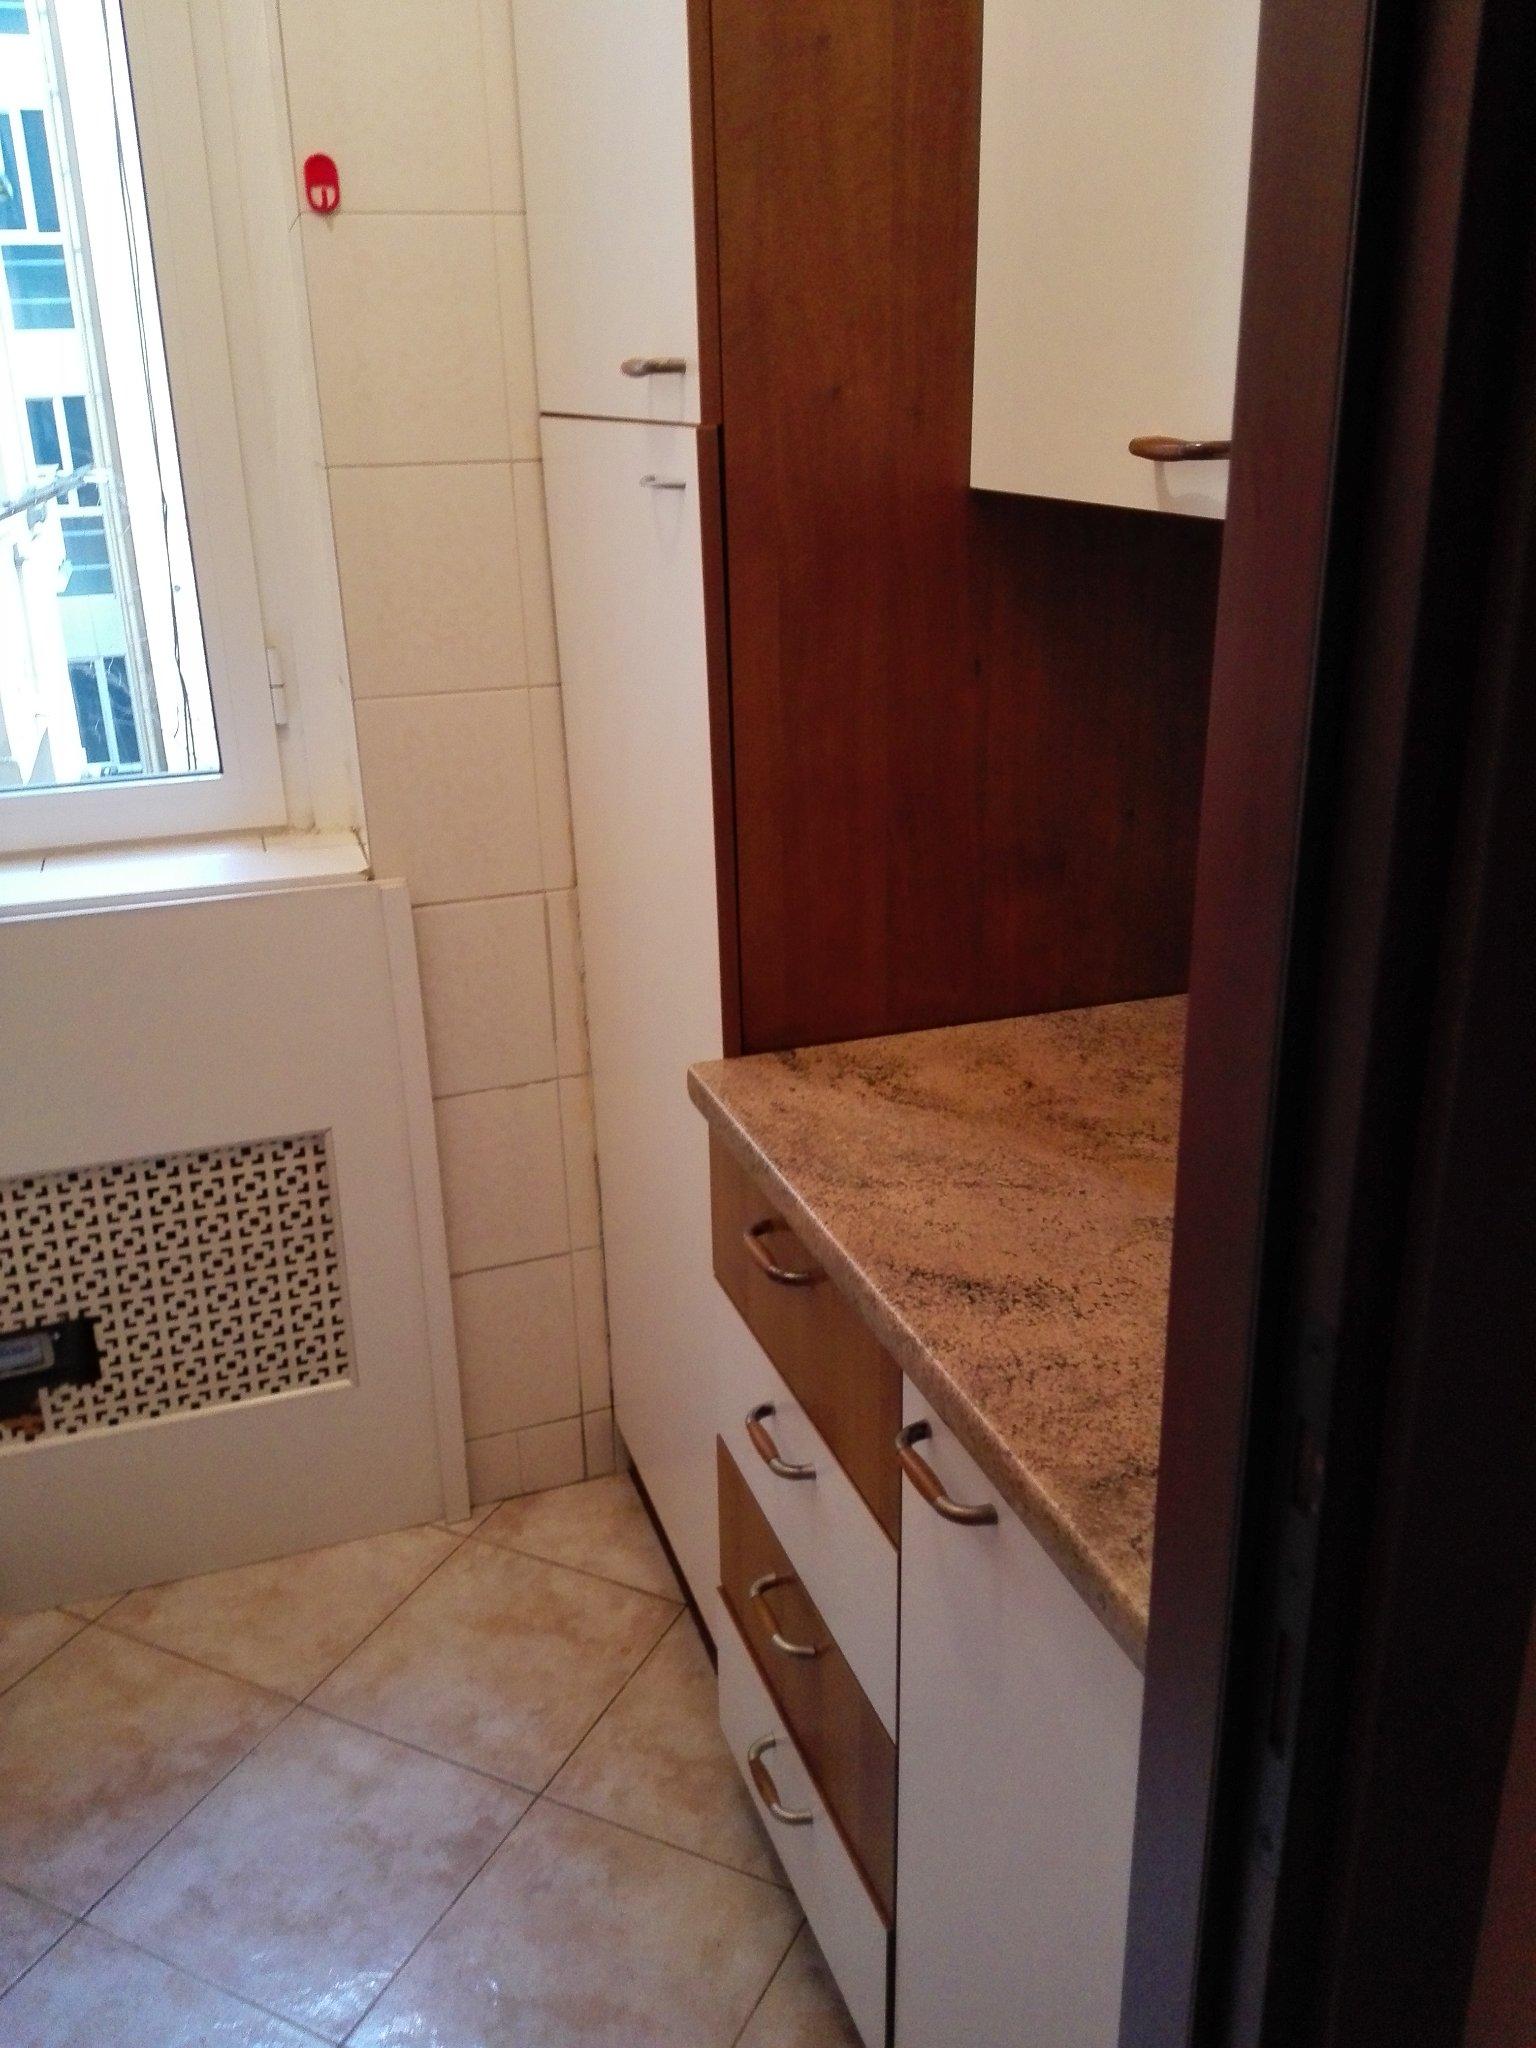 Smantellamento cucina rimozione piastrelle e posa nuove - Posa piastrelle cucina ...